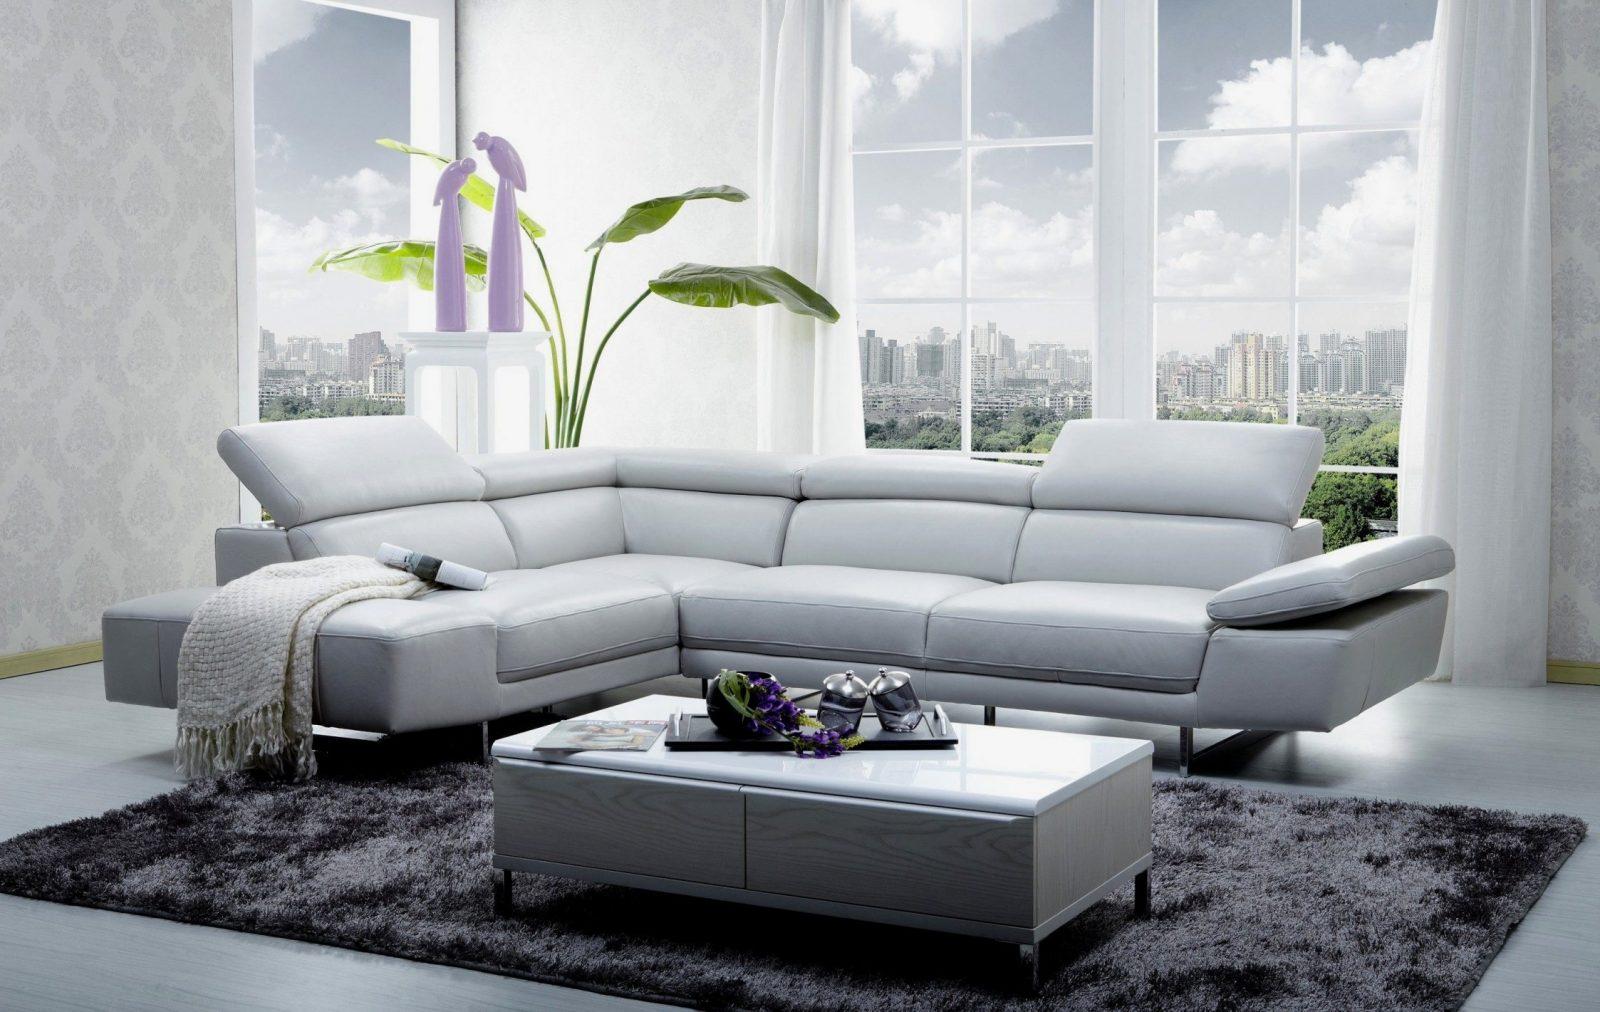 Kleines Ecksofa Für Jugendzimmer Luxus Couch Für Kleine Wohnzimmer von Kleine Couch Für Jugendzimmer Bild